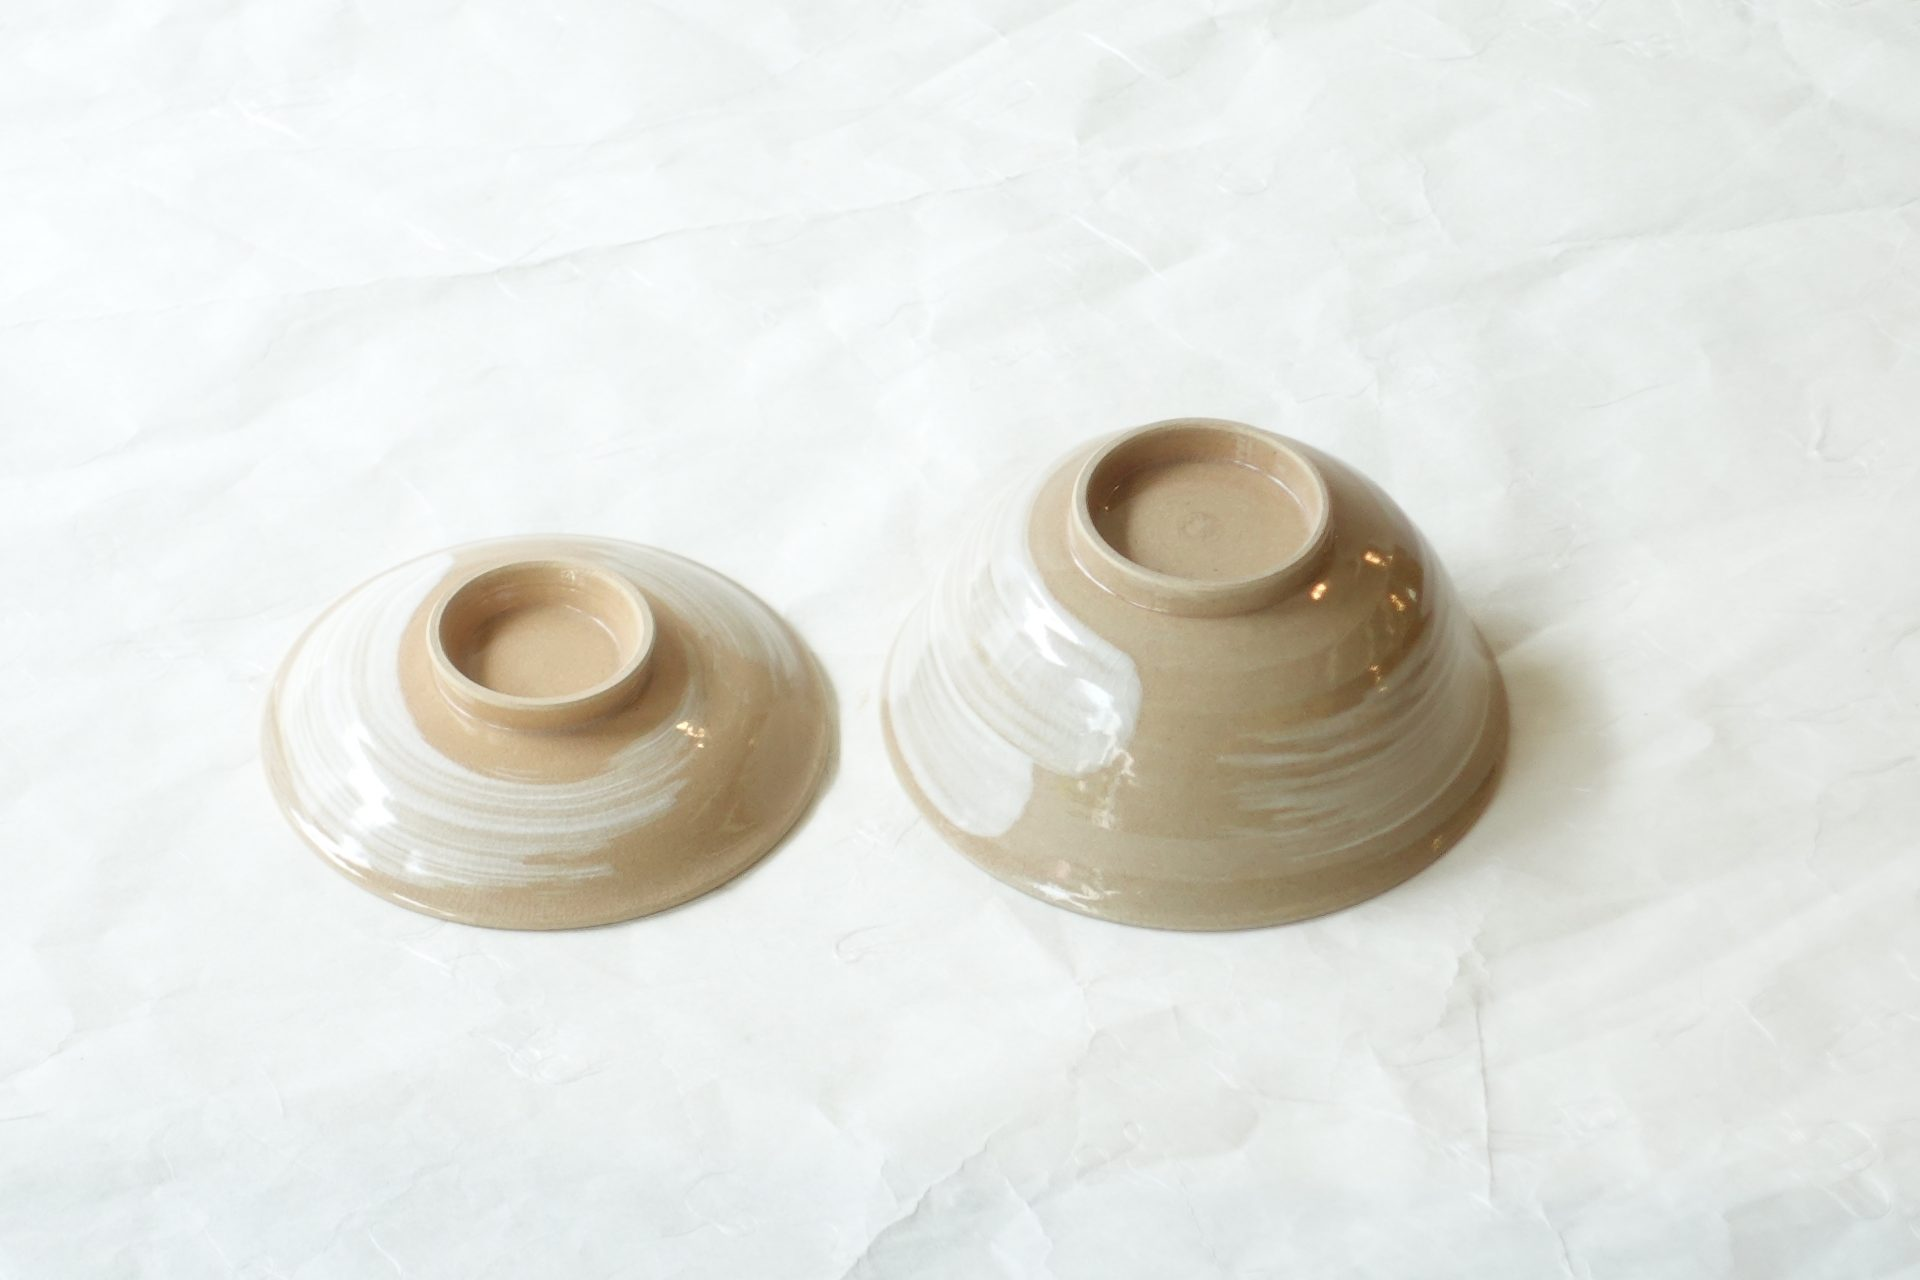 陶器 清水焼 手づくり 蓋付飯碗 ろくろ挽き 刷毛目 シンプル デザイン 職人 ご飯茶碗 小ぶり 平たい 羽反り 食べやすい 小鉢 蓋 小皿 二役 土物の温かみ 品格